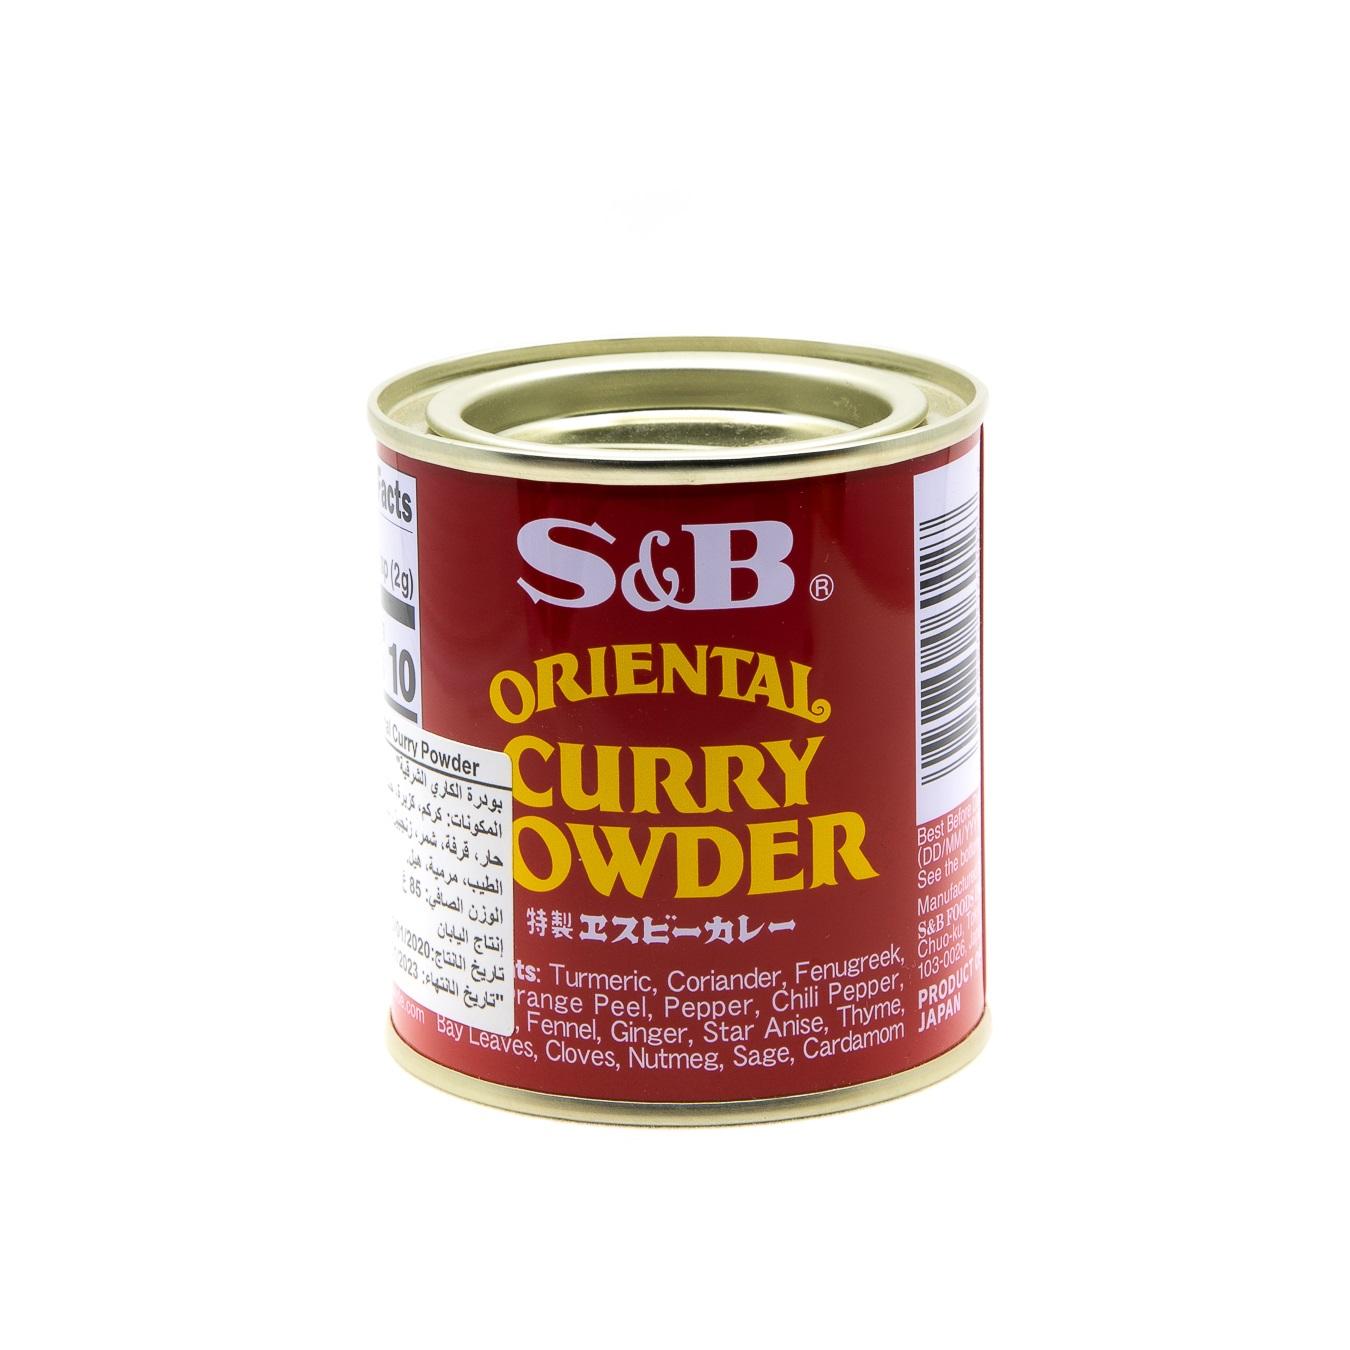 Oriental Curry Powder